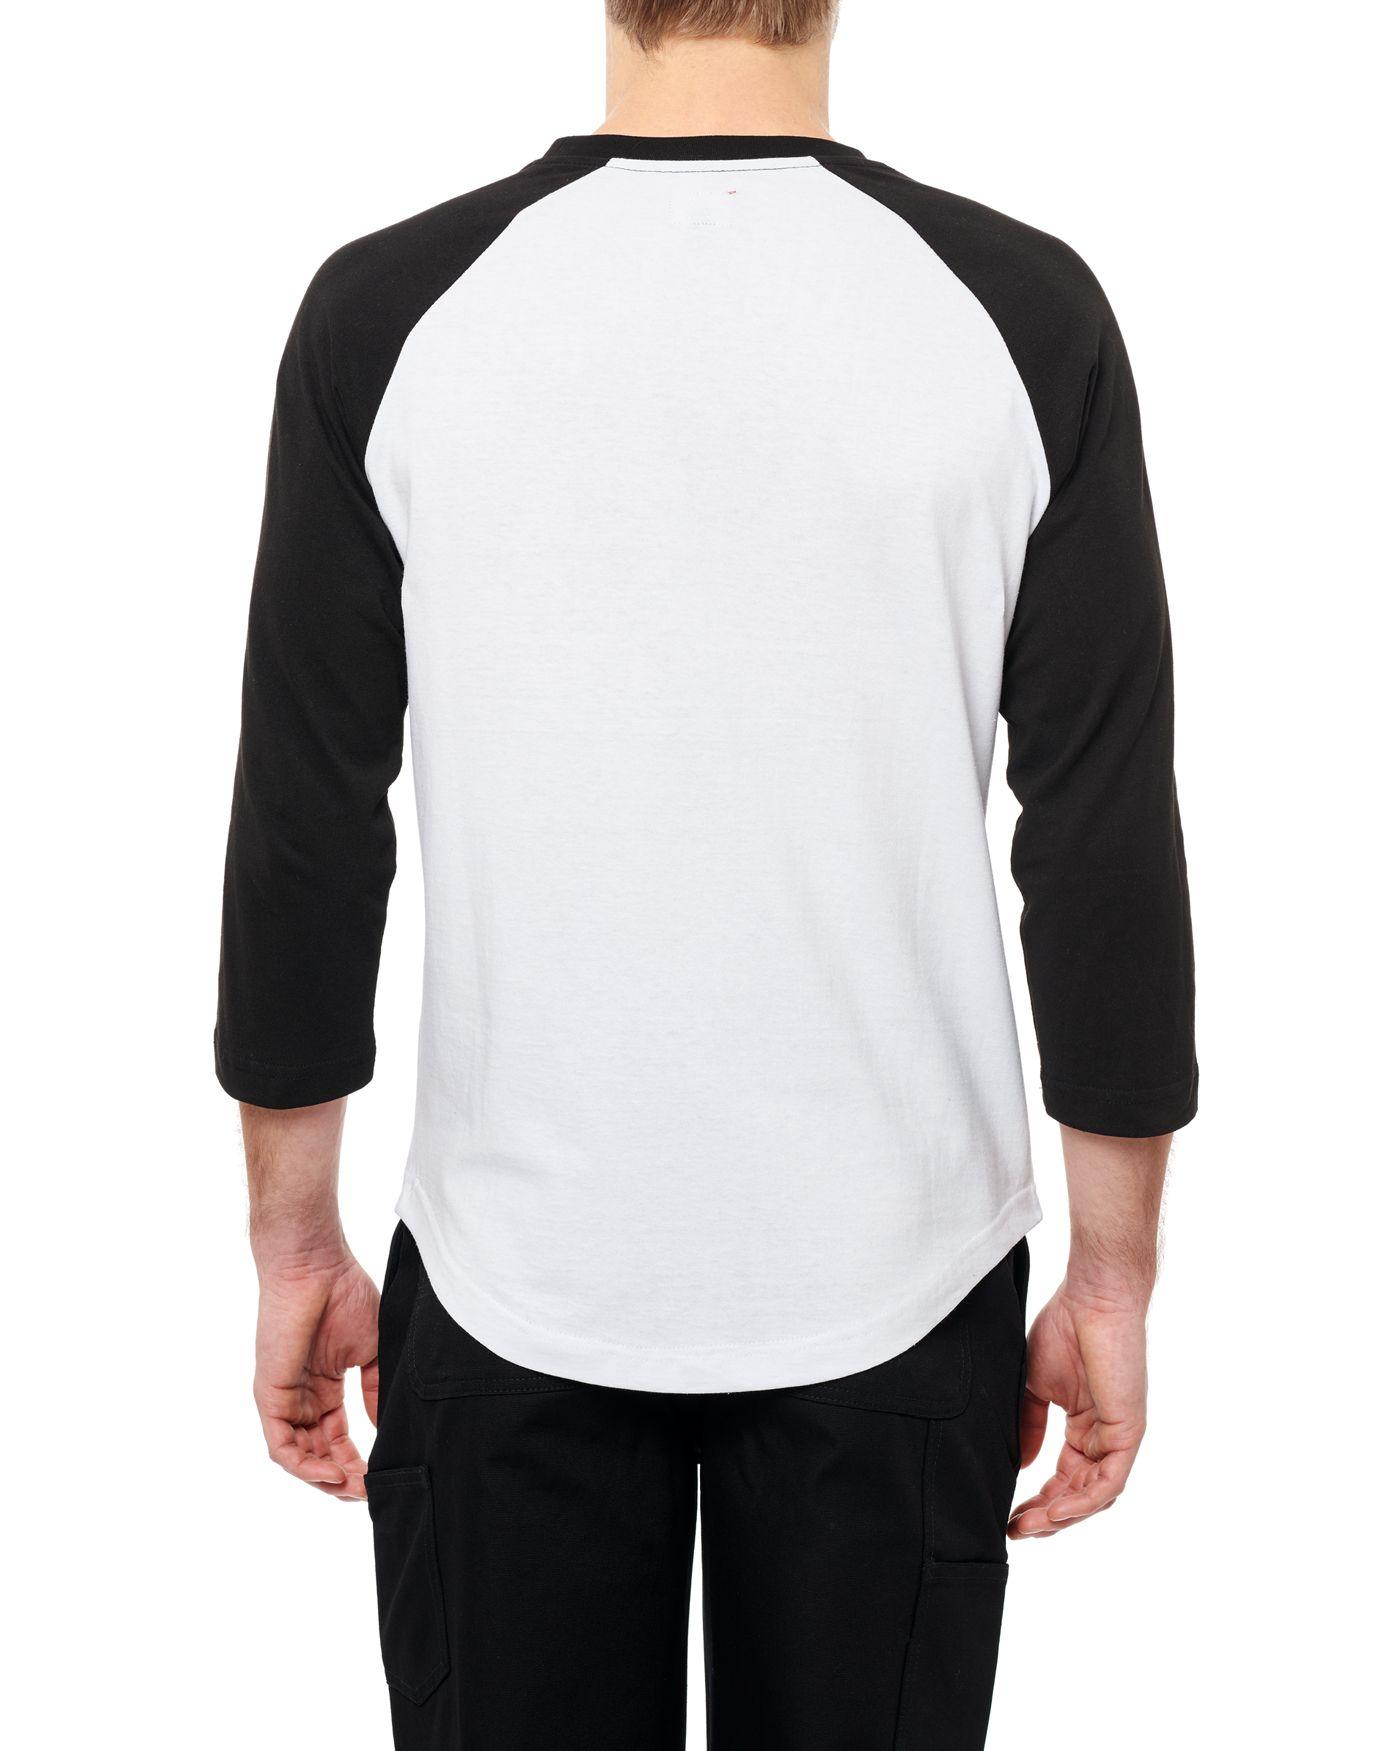 Photo of Wildcat 3/4 Raglan T-shirt, White